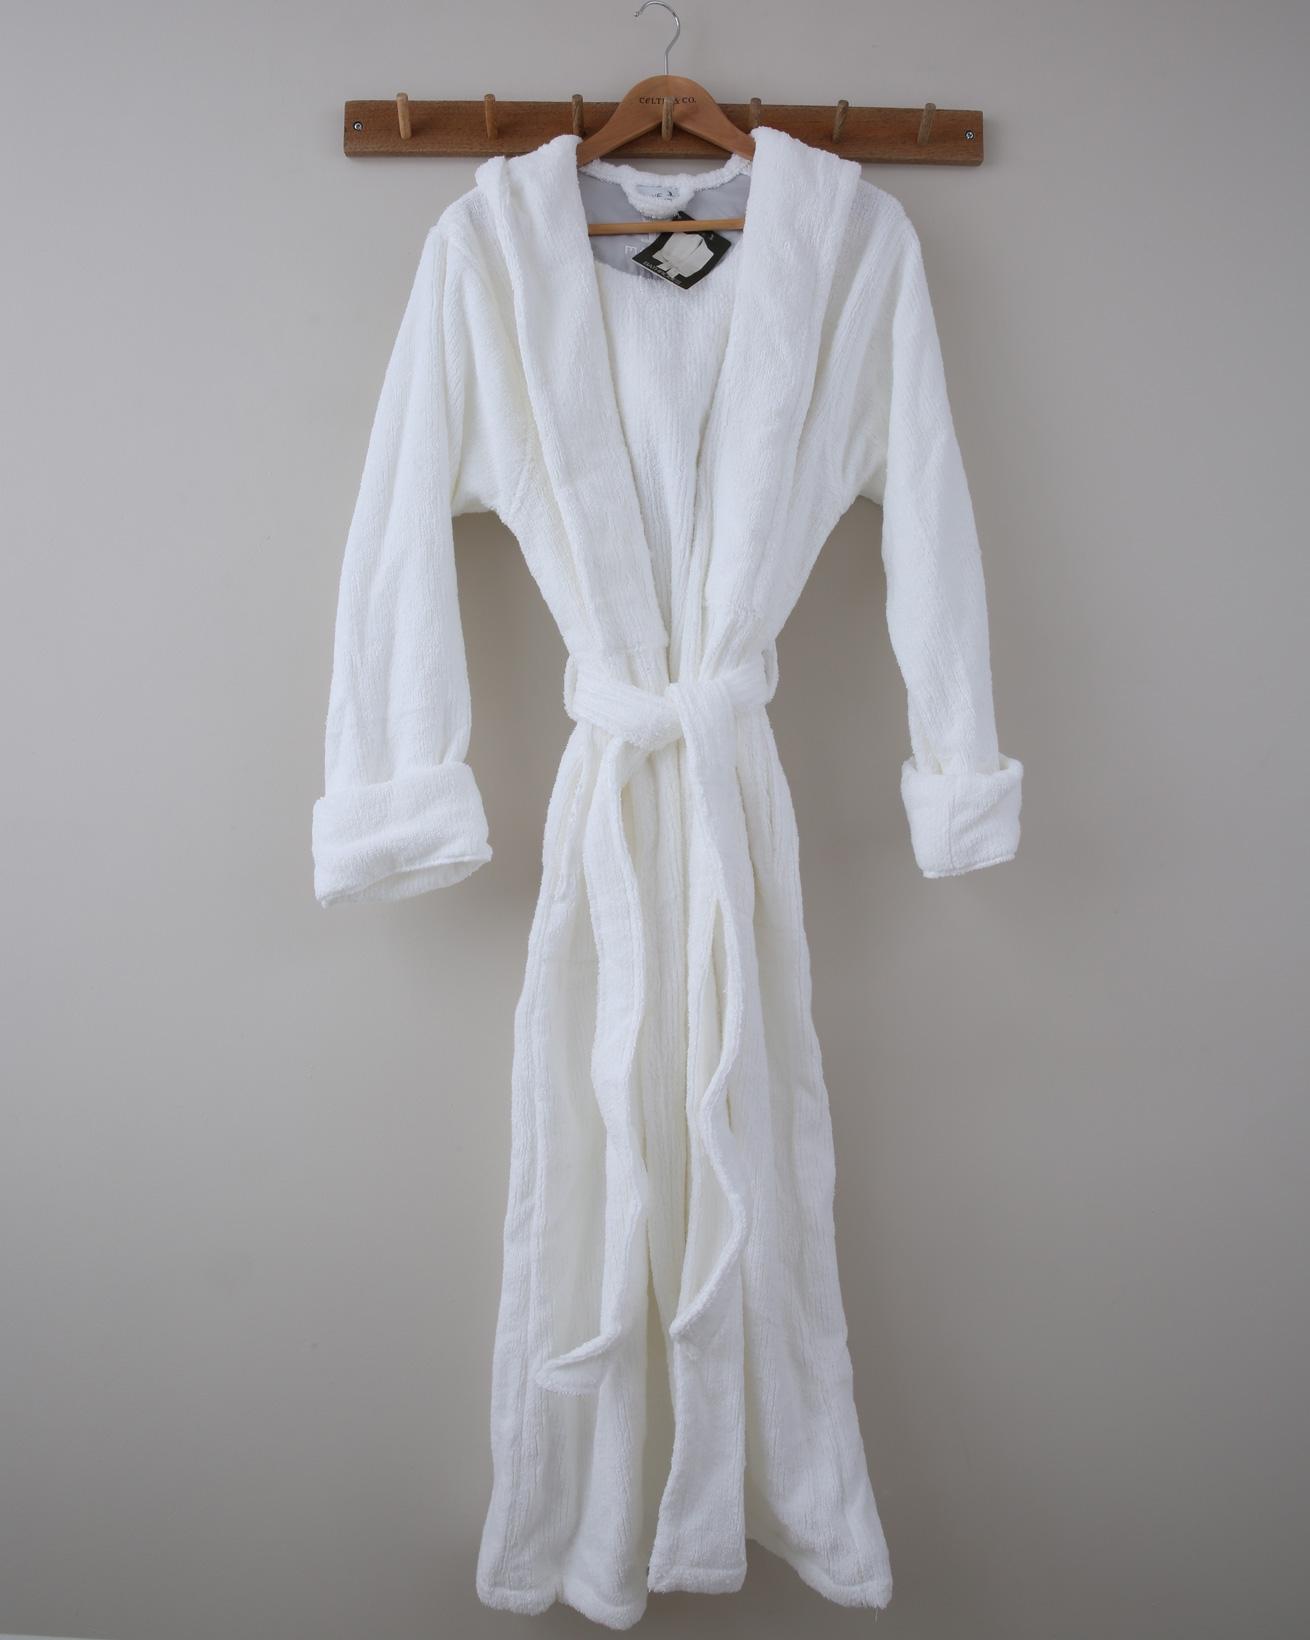 Full Length Hooded Dressing Gown - XS - White - 1368